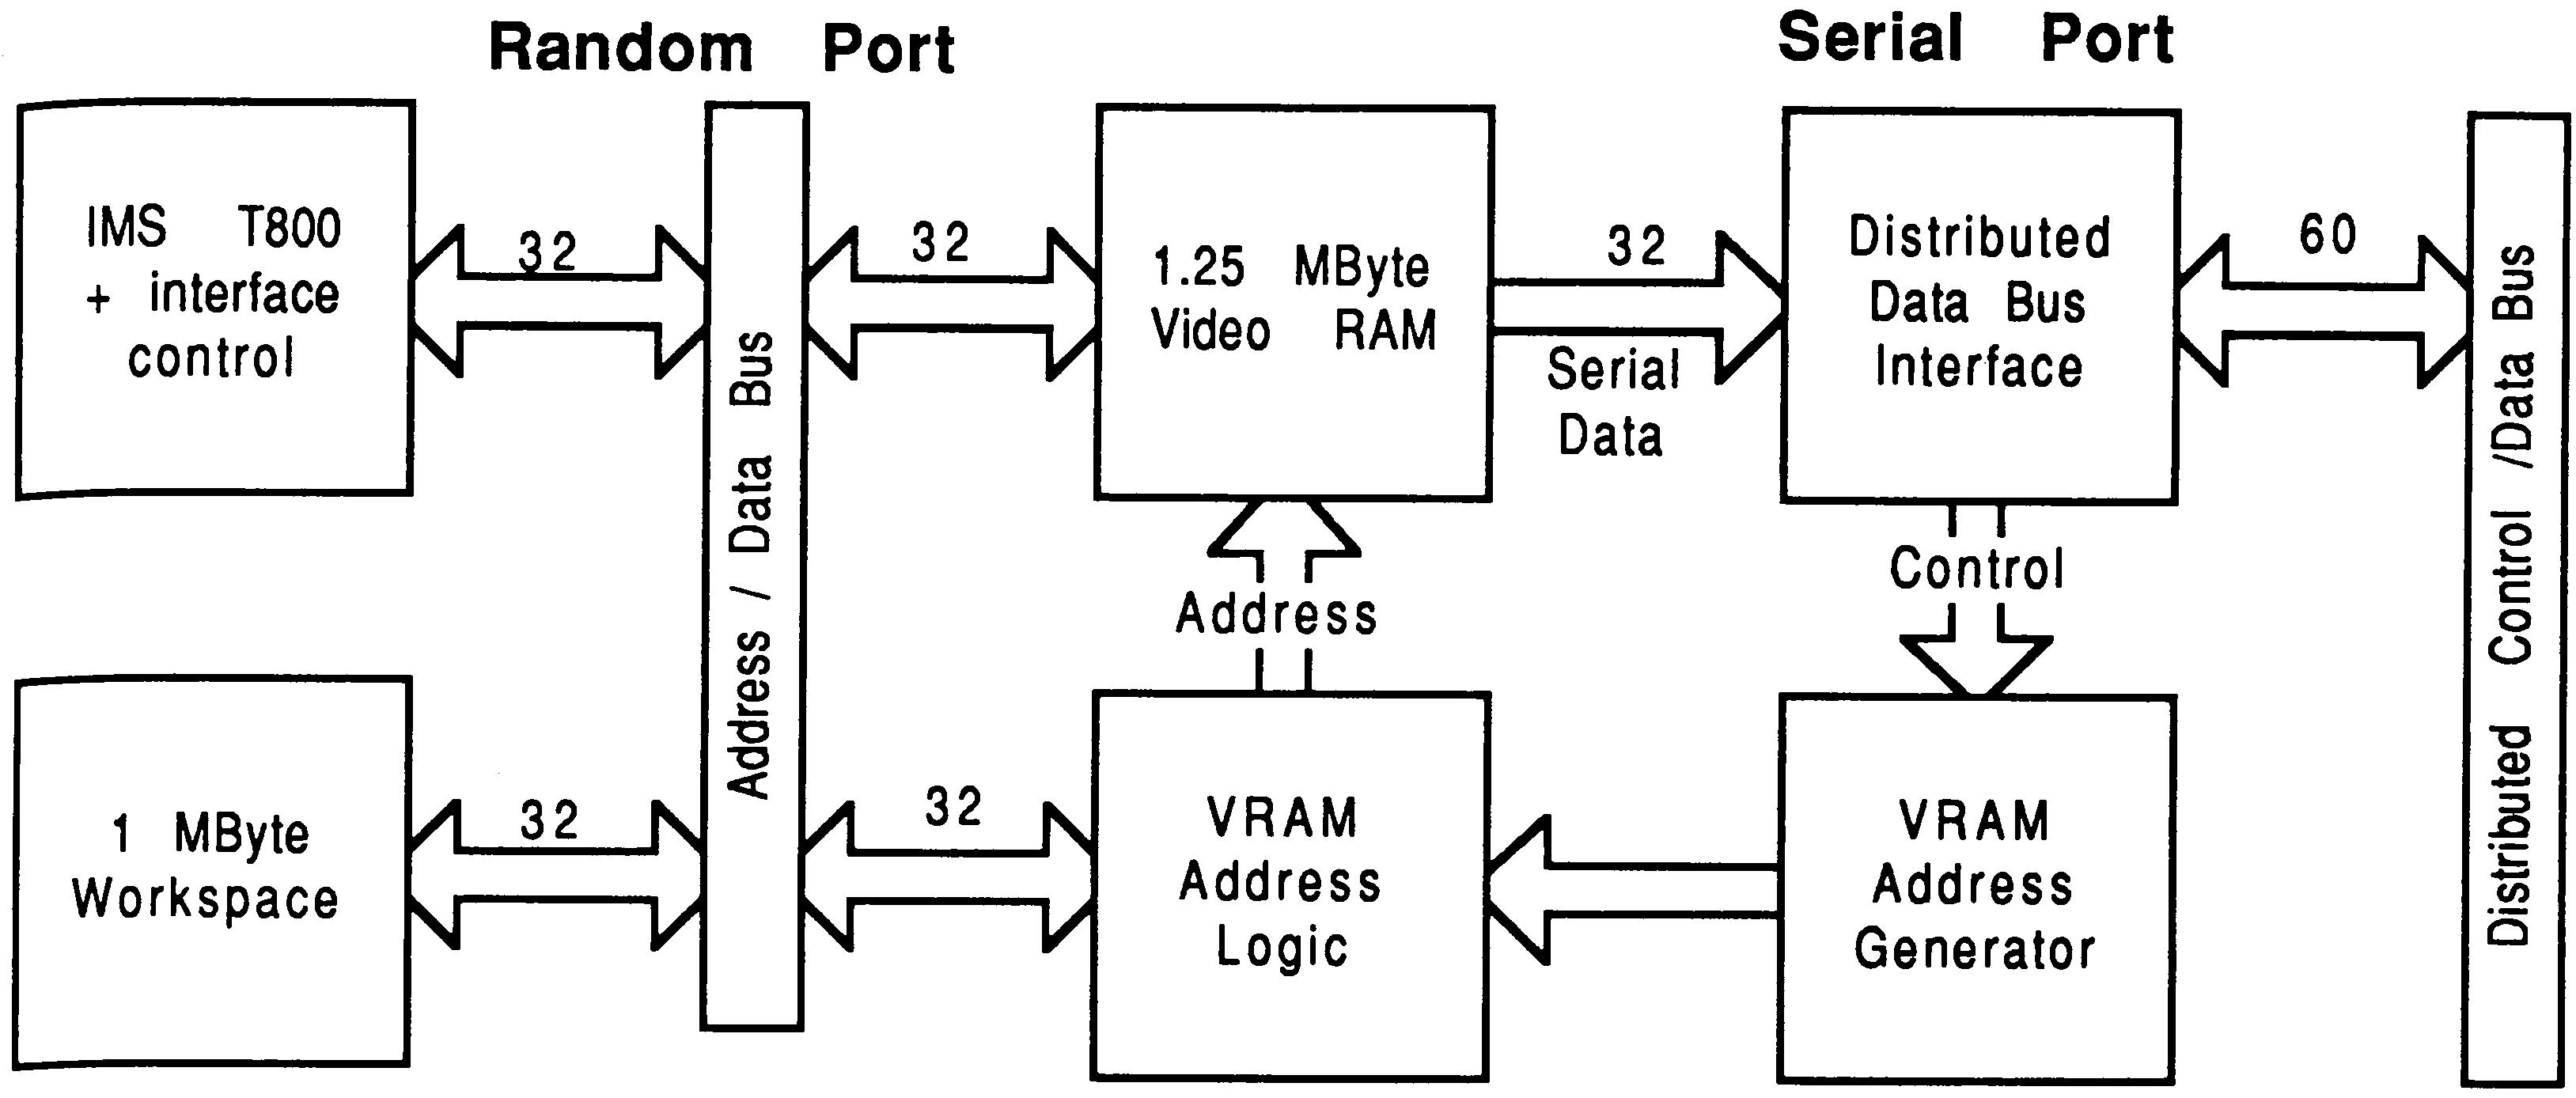 serial port diagram   19 wiring diagram images